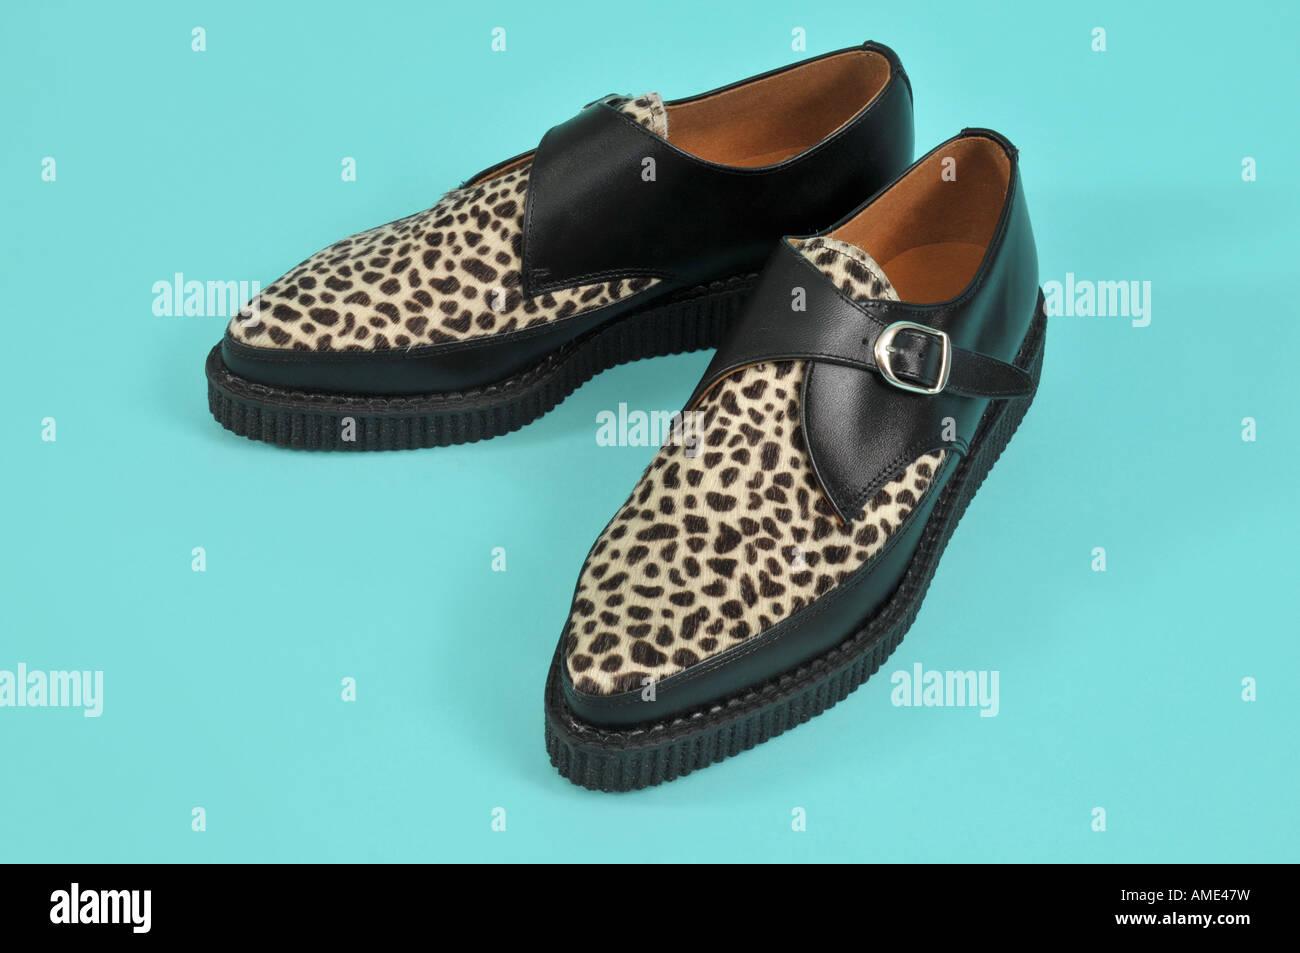 Leopard print brothel creeper shoes